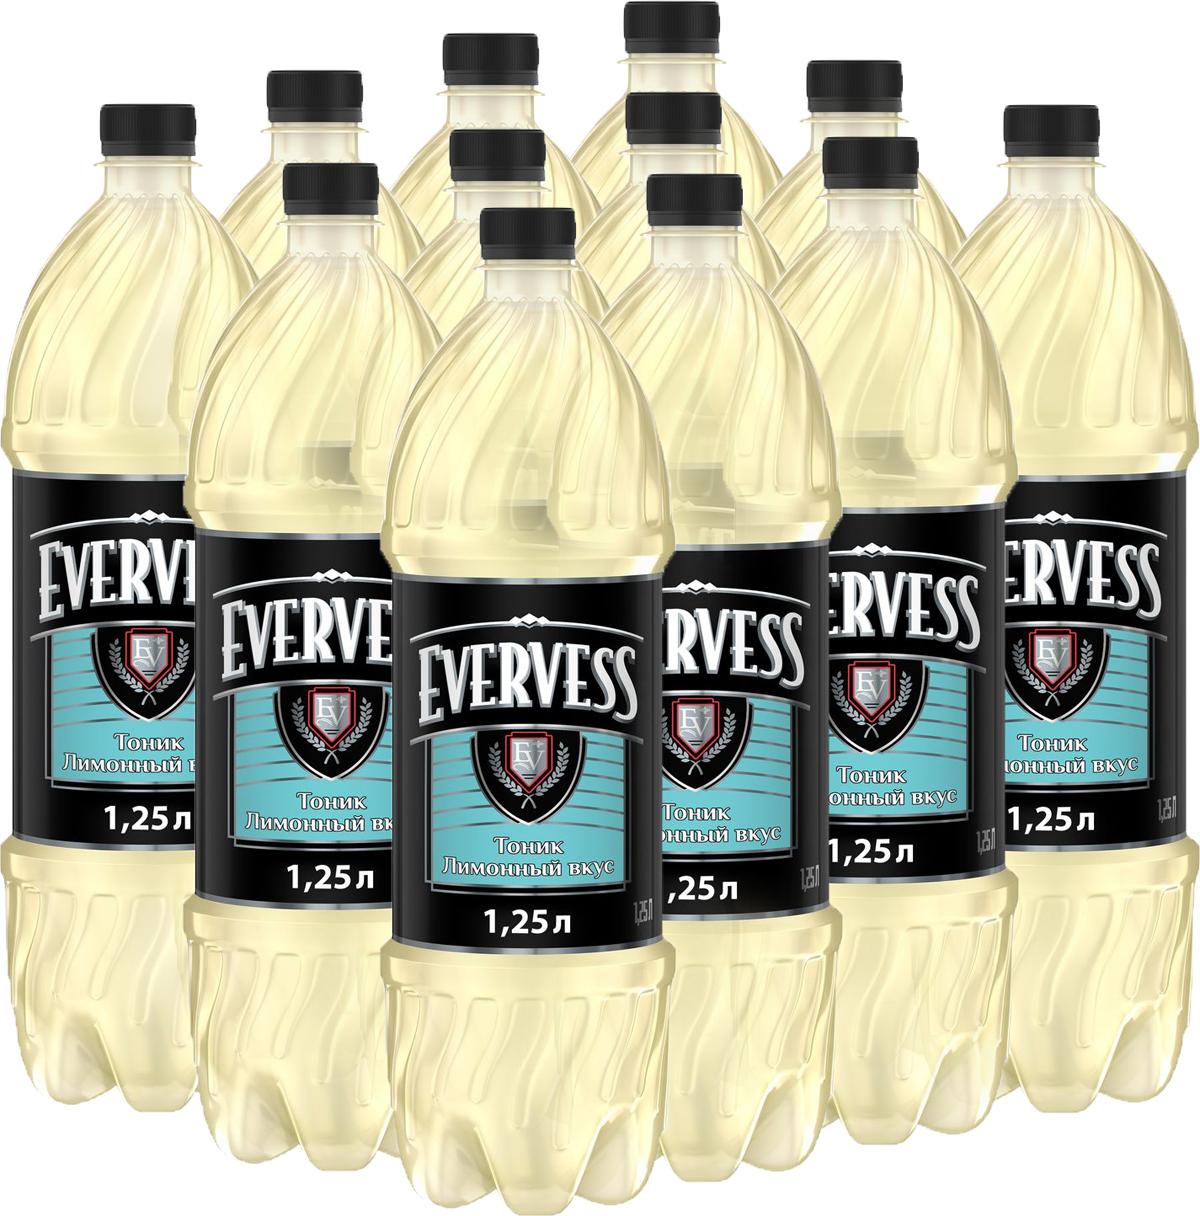 Evervess Лимон напиток сильногазированный, 12 штук по 1,25 л340023938_блокиИзвестные на весь мир тоники. Идеально подходят для приготовления коктейлей.О бренде:Известный на весь мир бренд тоников Evervess. Тоники обладают освежающим вкусом с характерной горчинкой, идеально подходящим для приготовления коктейлей.